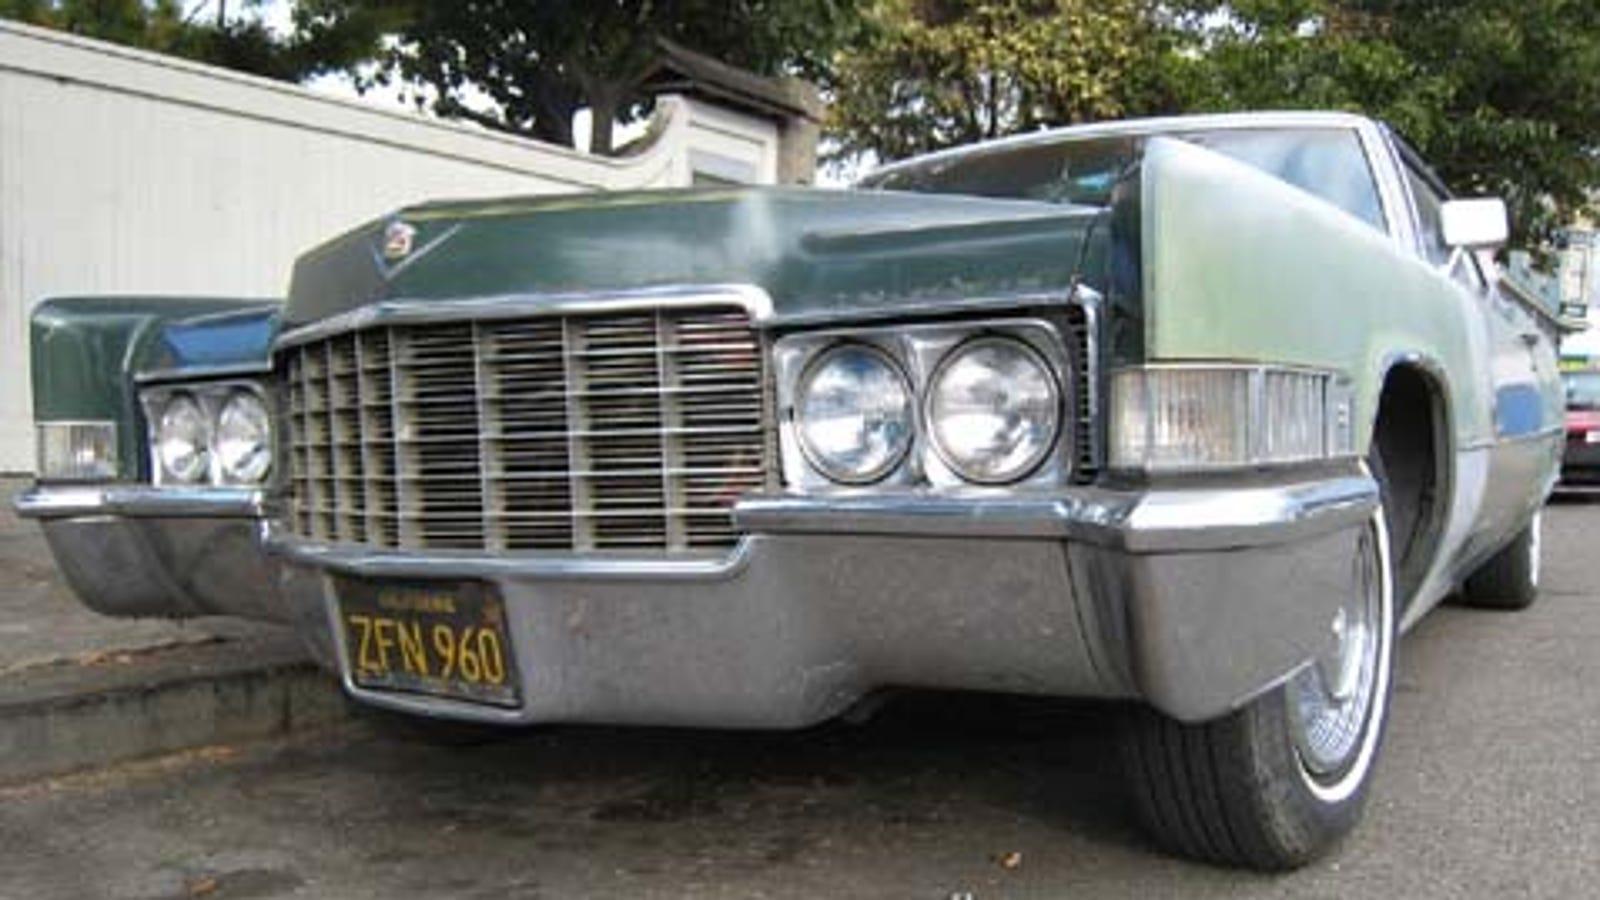 1969 Cadillac Calais 50s V8 Engine